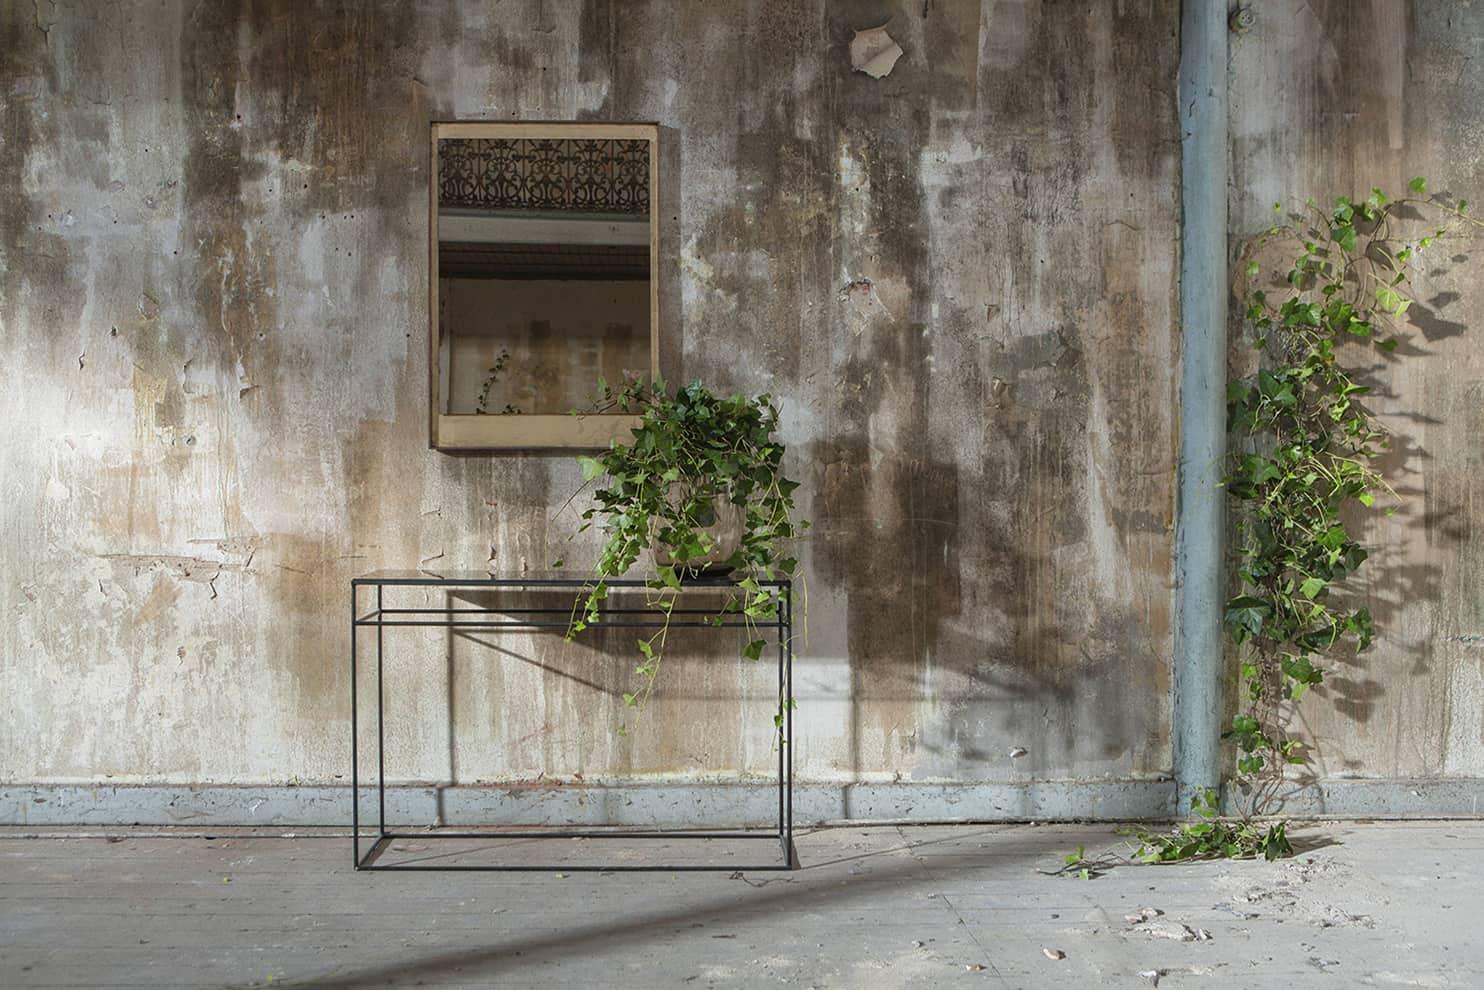 Notre Monde - Console acier bronze cuivré L 122 x P 36 x H 81 cm. Miroir Wall bronze et noyer. L 71 x H 102 x P 4 cm. ©Notre Monde